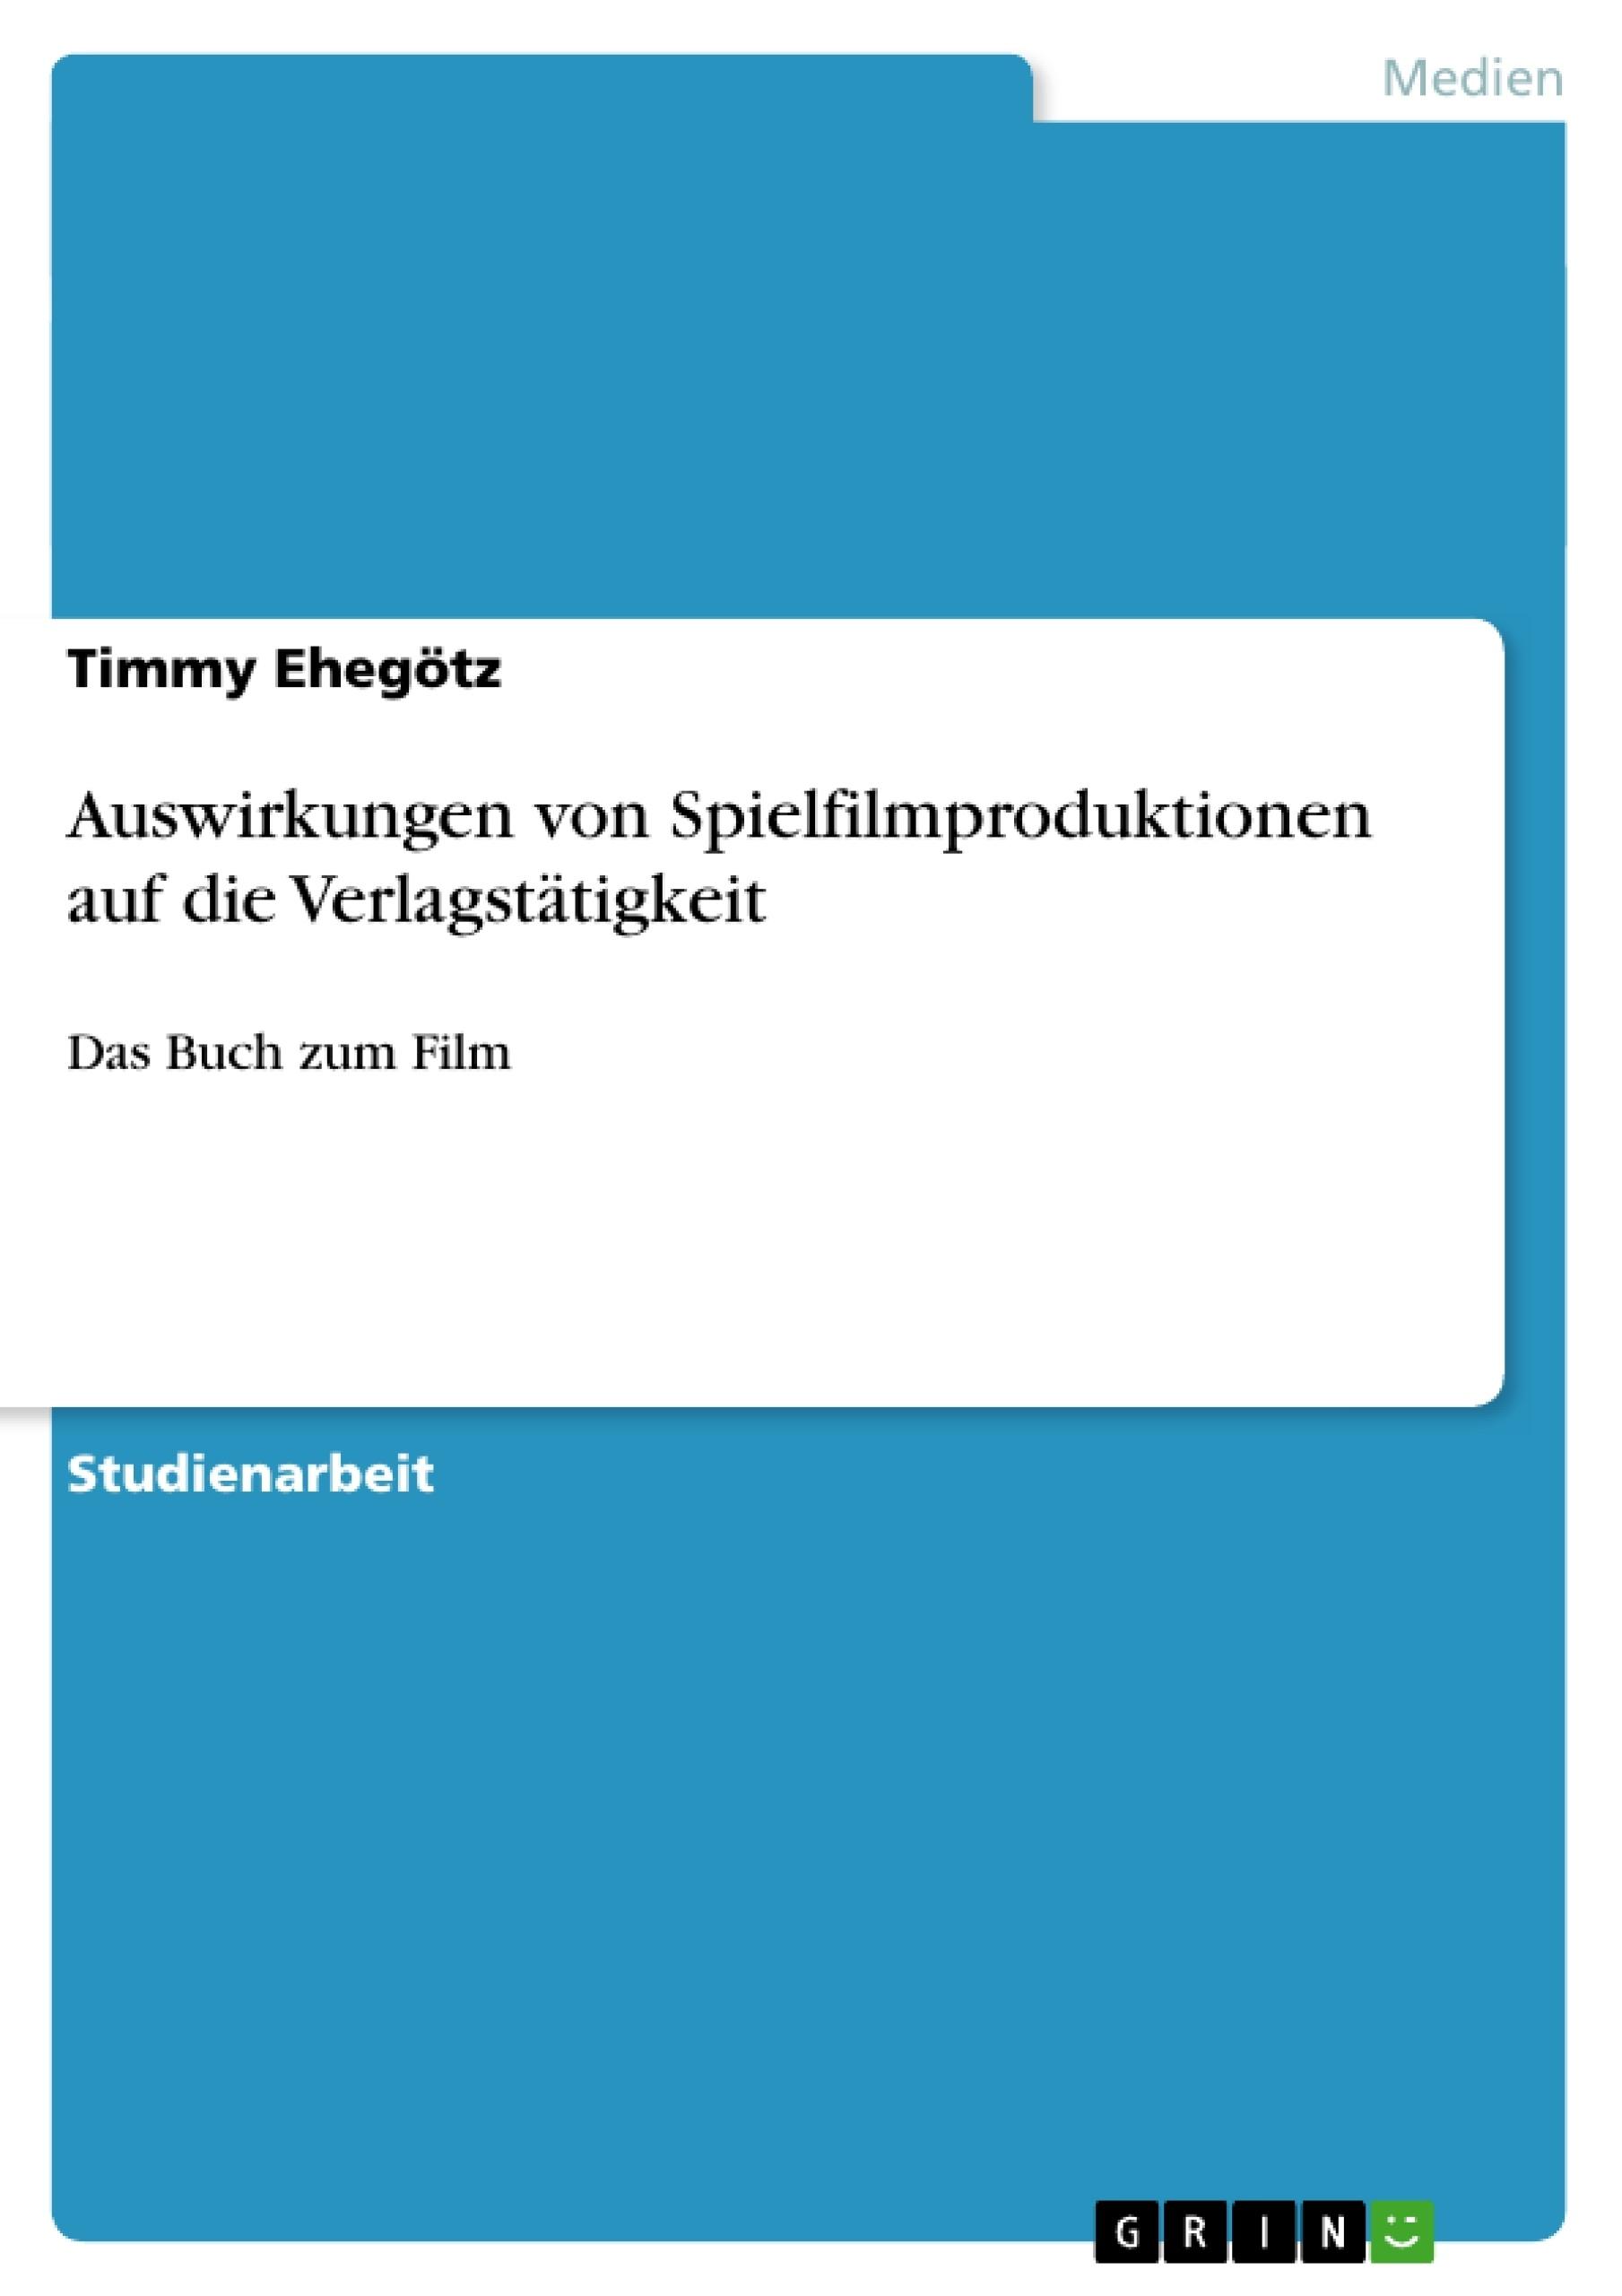 Titel: Auswirkungen von Spielfilmproduktionen auf die Verlagstätigkeit